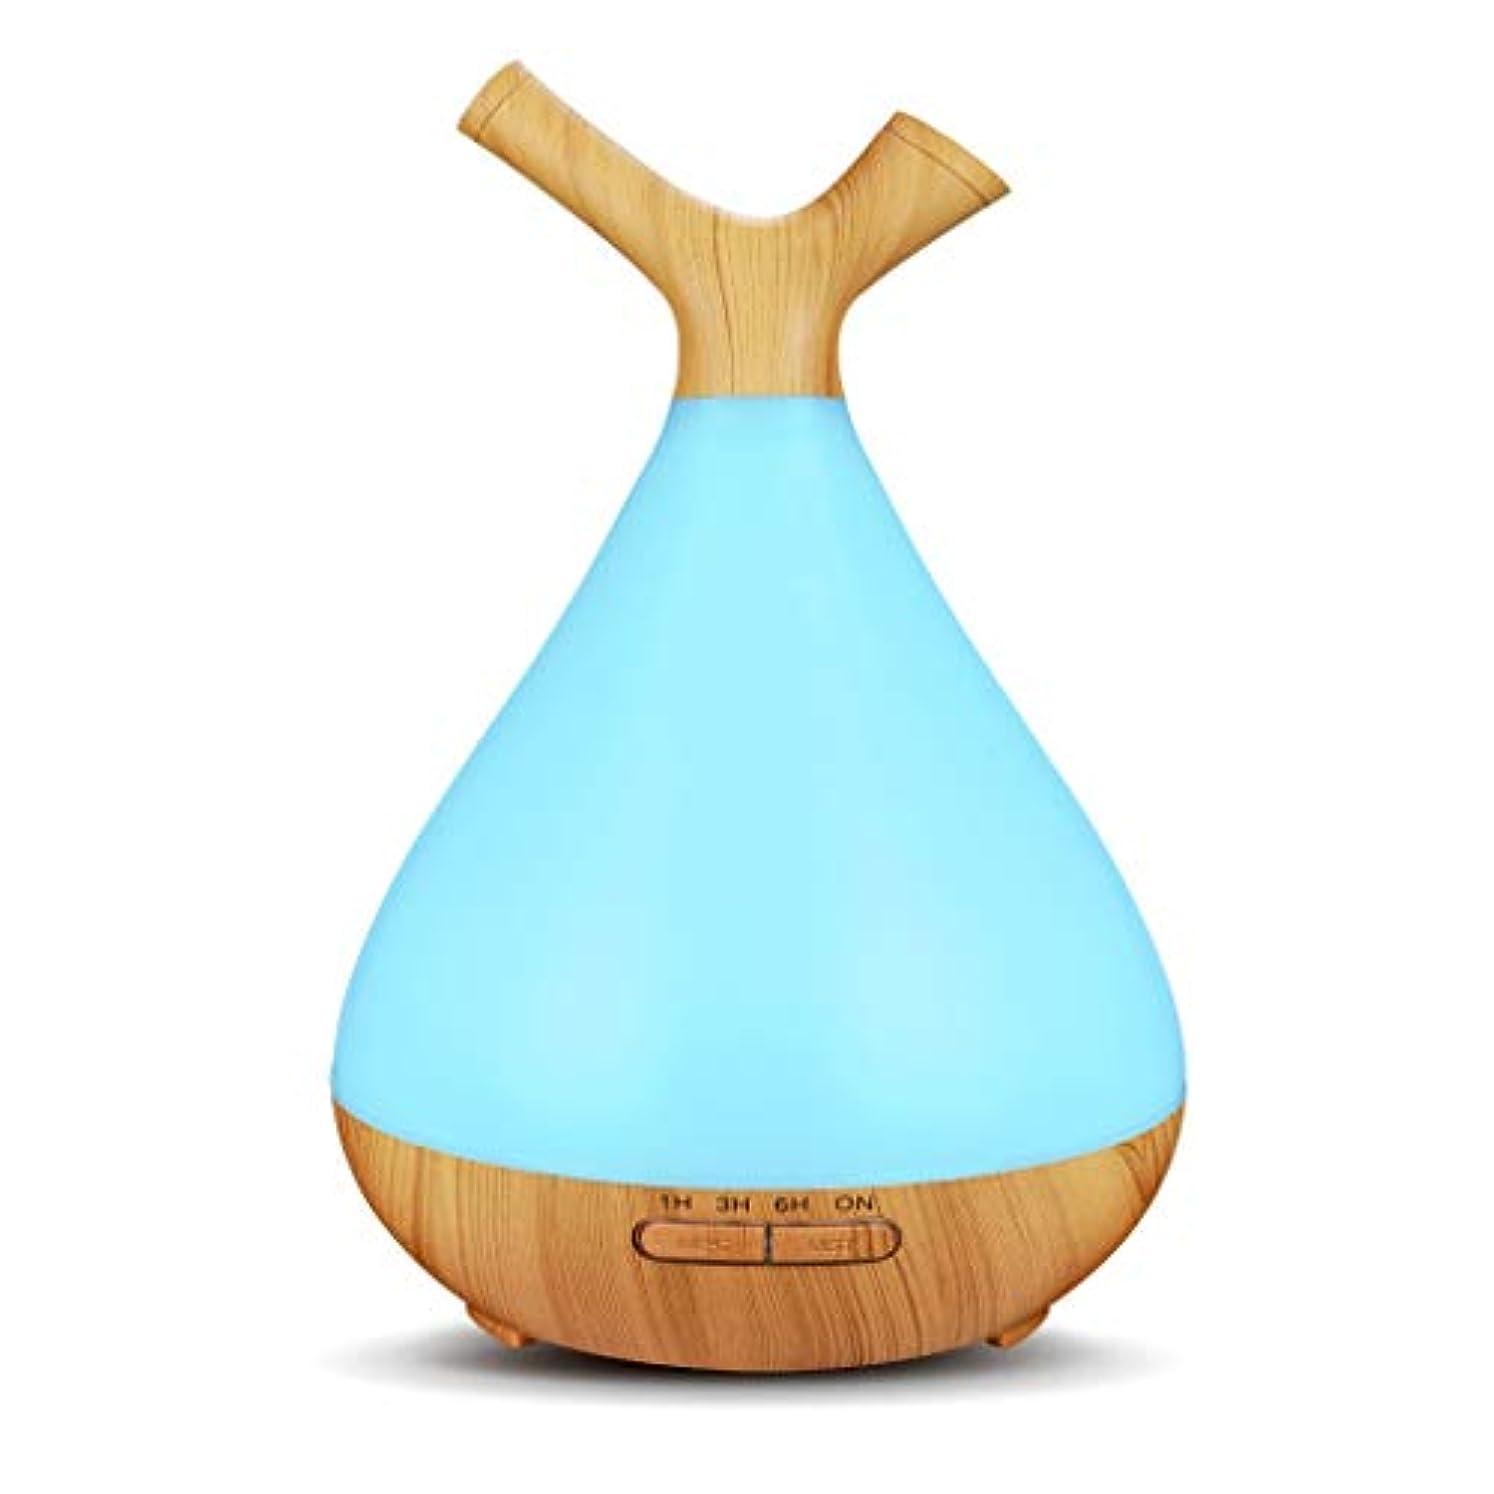 表現ギャラリーアメリカ必須の拡散器の木製の穀物、居間の研究の寝室のオフィスのためのCoolClassic 400mlの木のタイプ加湿器、小さくそして絶妙な空気清浄器、 (Color : Light wood grain)